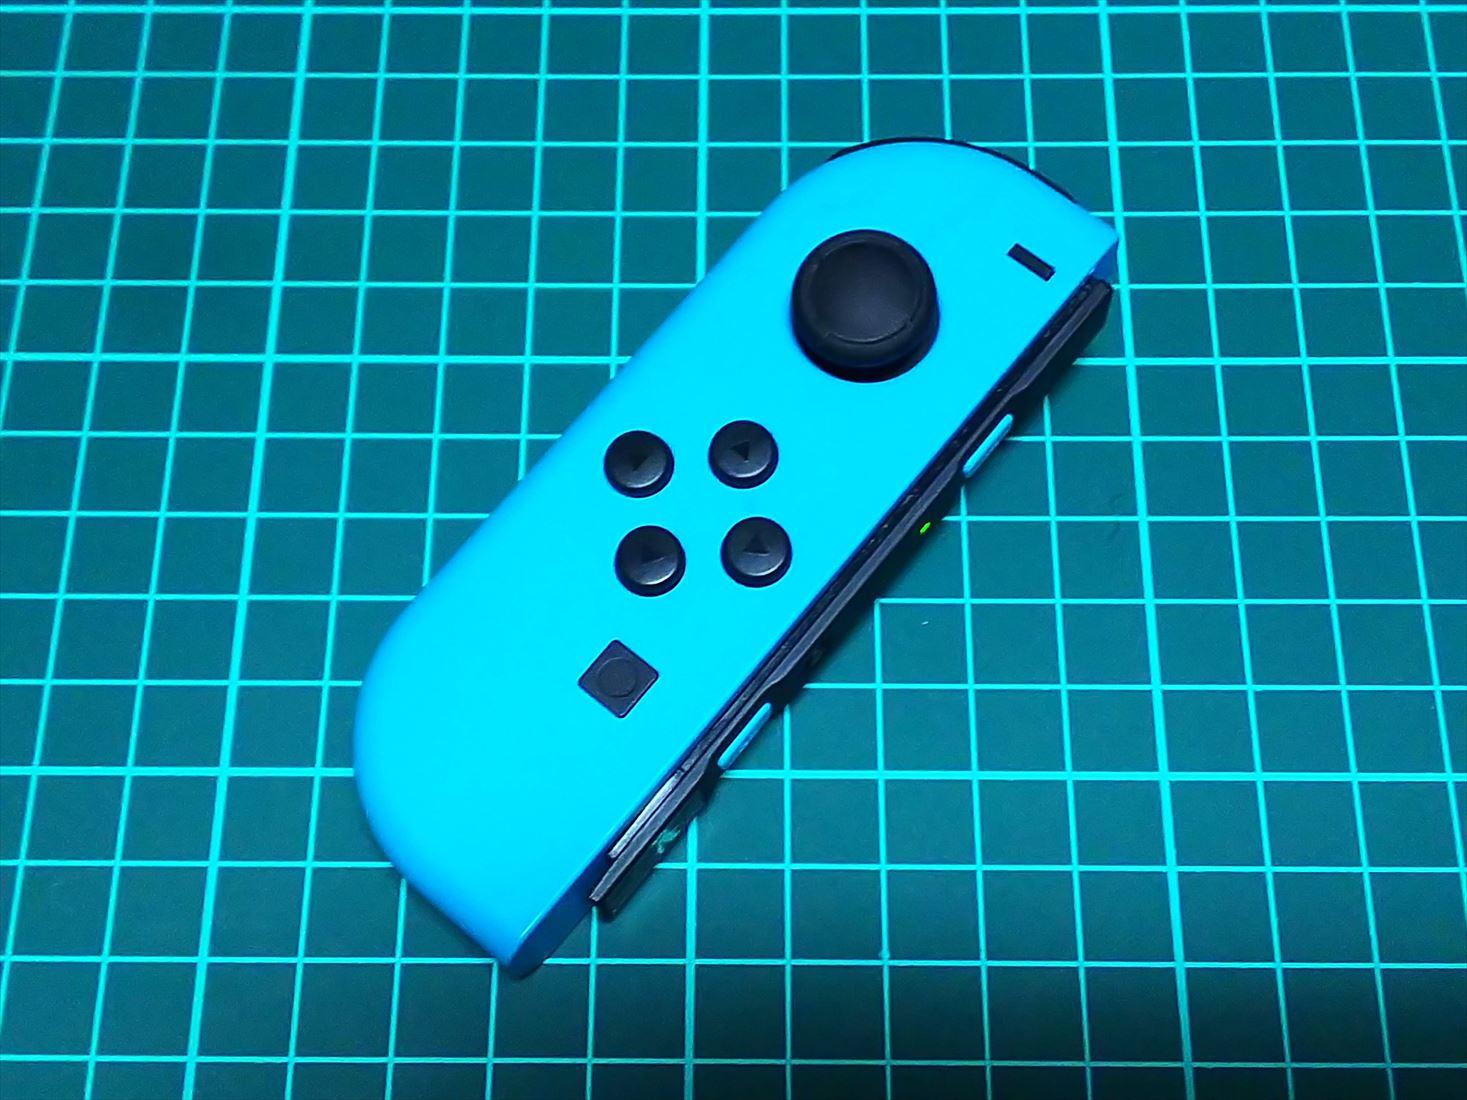 任天堂スイッチのジョイコン(左)が故障、スティックを自分で直す